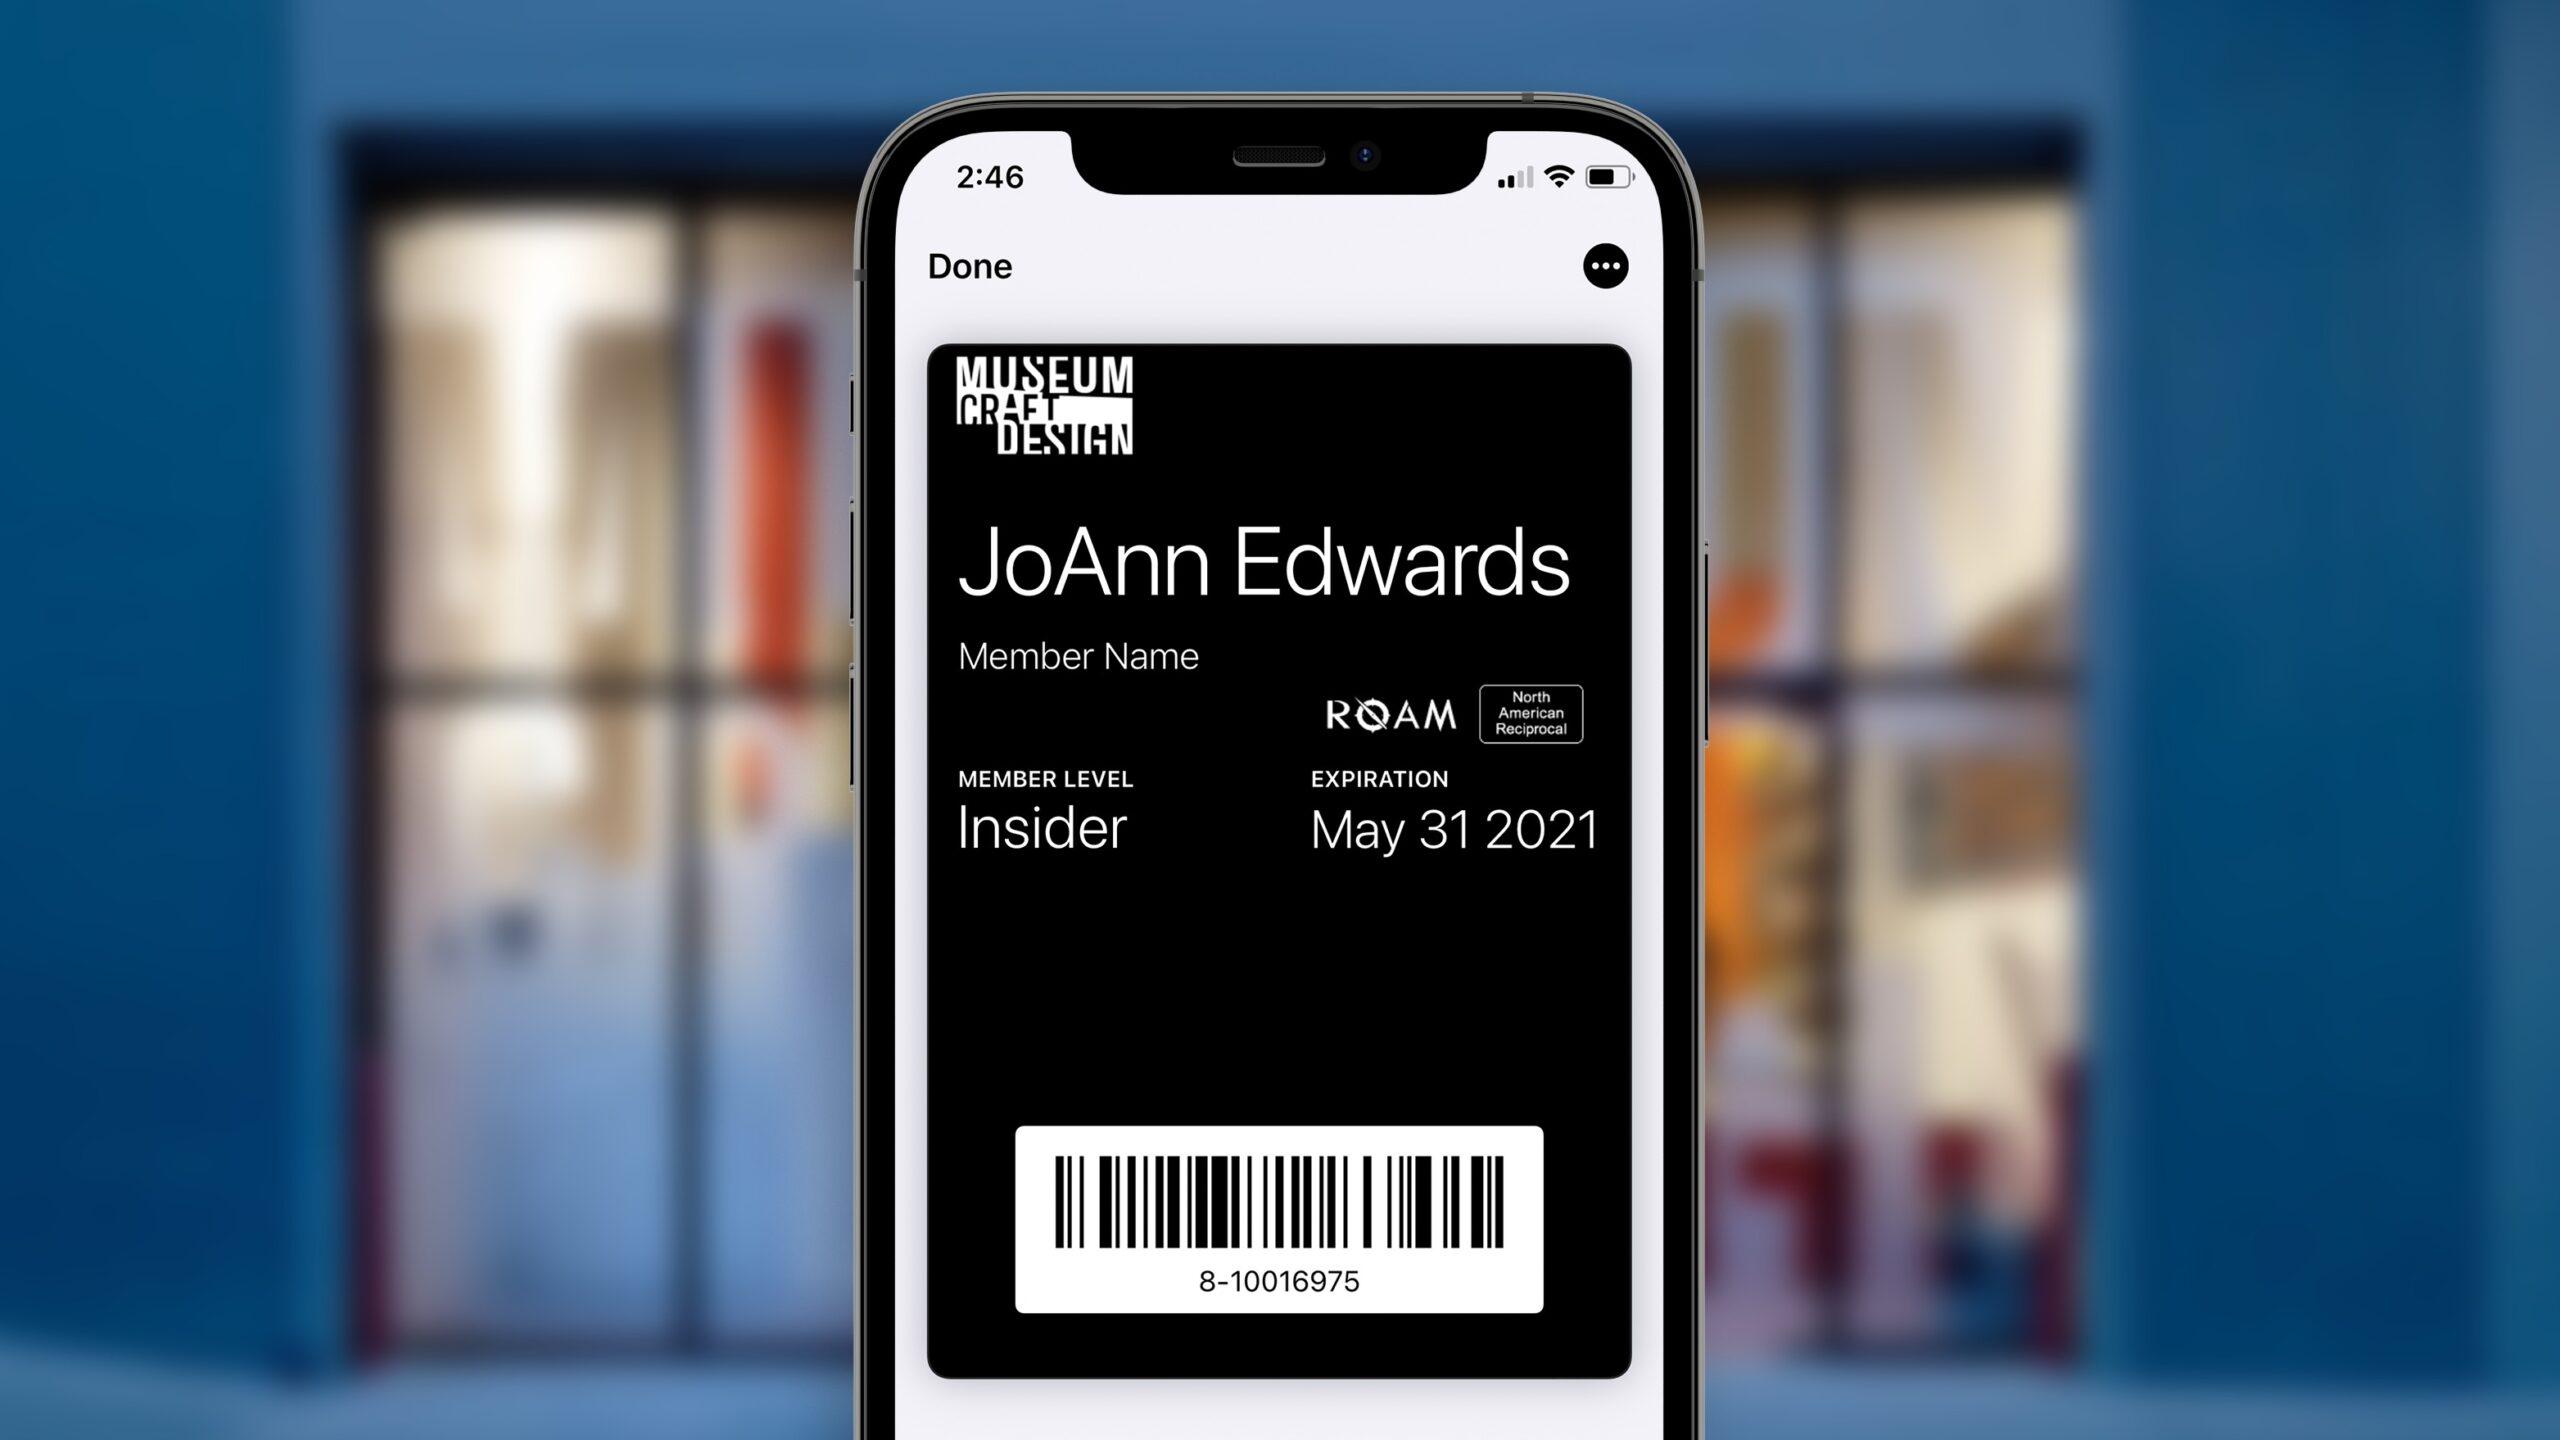 iphone image of digital member card